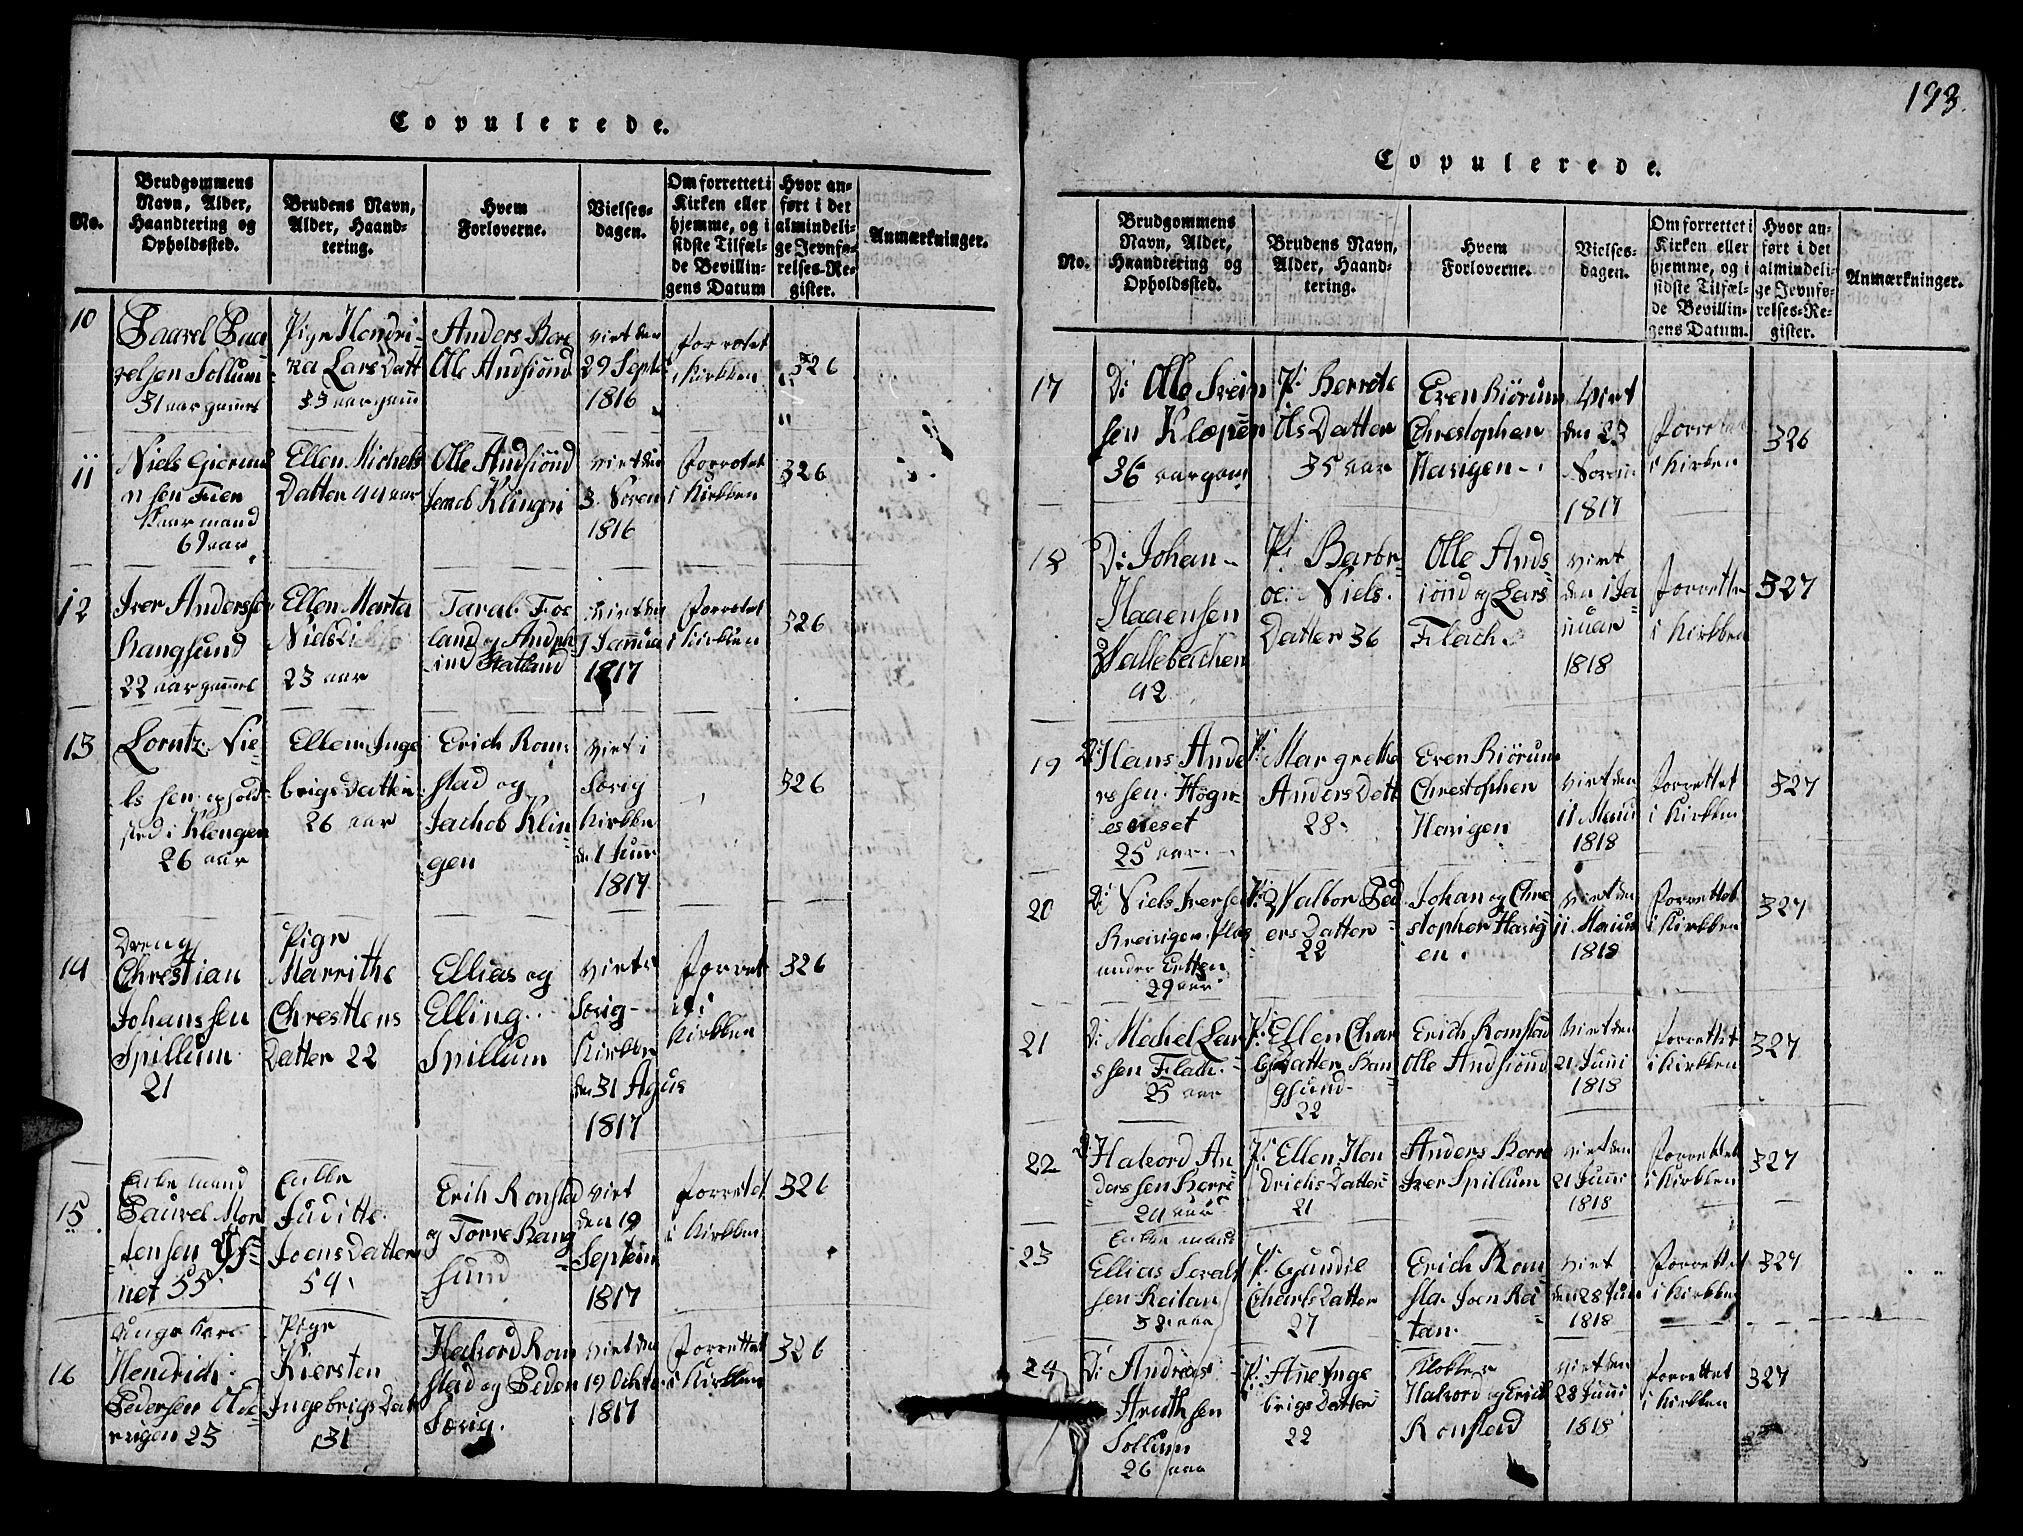 SAT, Ministerialprotokoller, klokkerbøker og fødselsregistre - Nord-Trøndelag, 770/L0590: Klokkerbok nr. 770C01, 1815-1824, s. 193